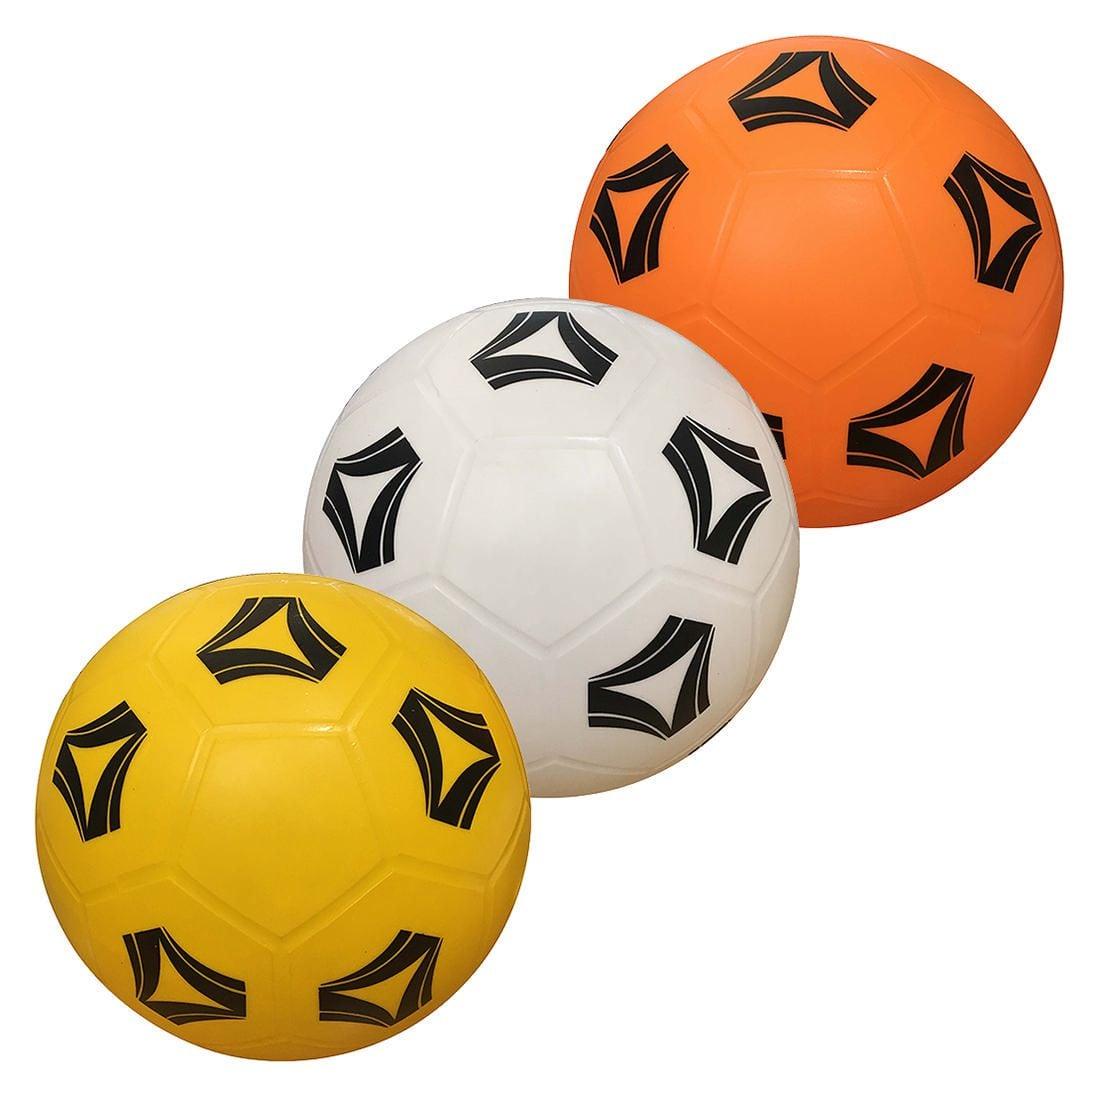 1 soccer ball